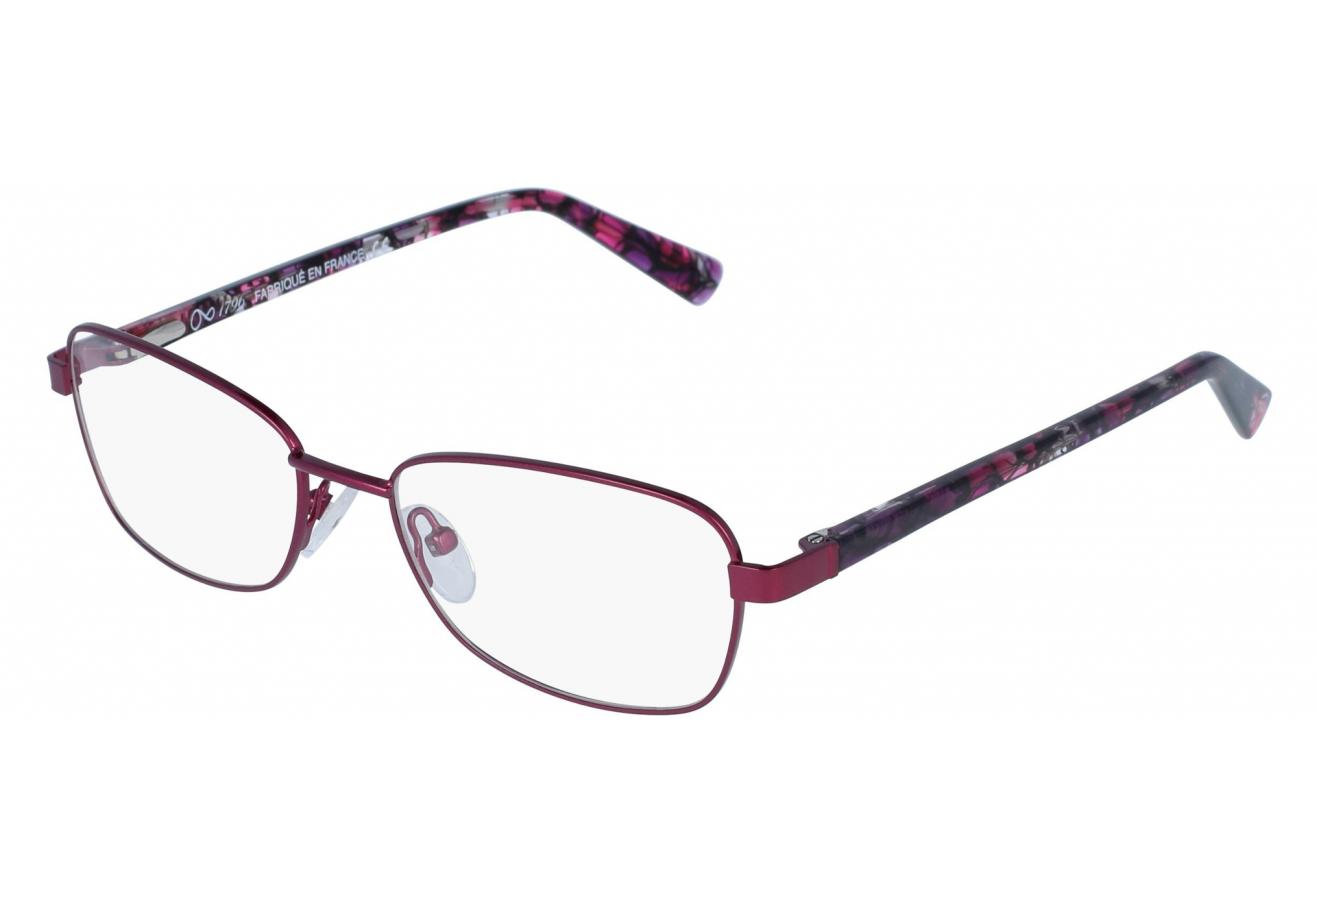 essayage virtuel lunettes de vue